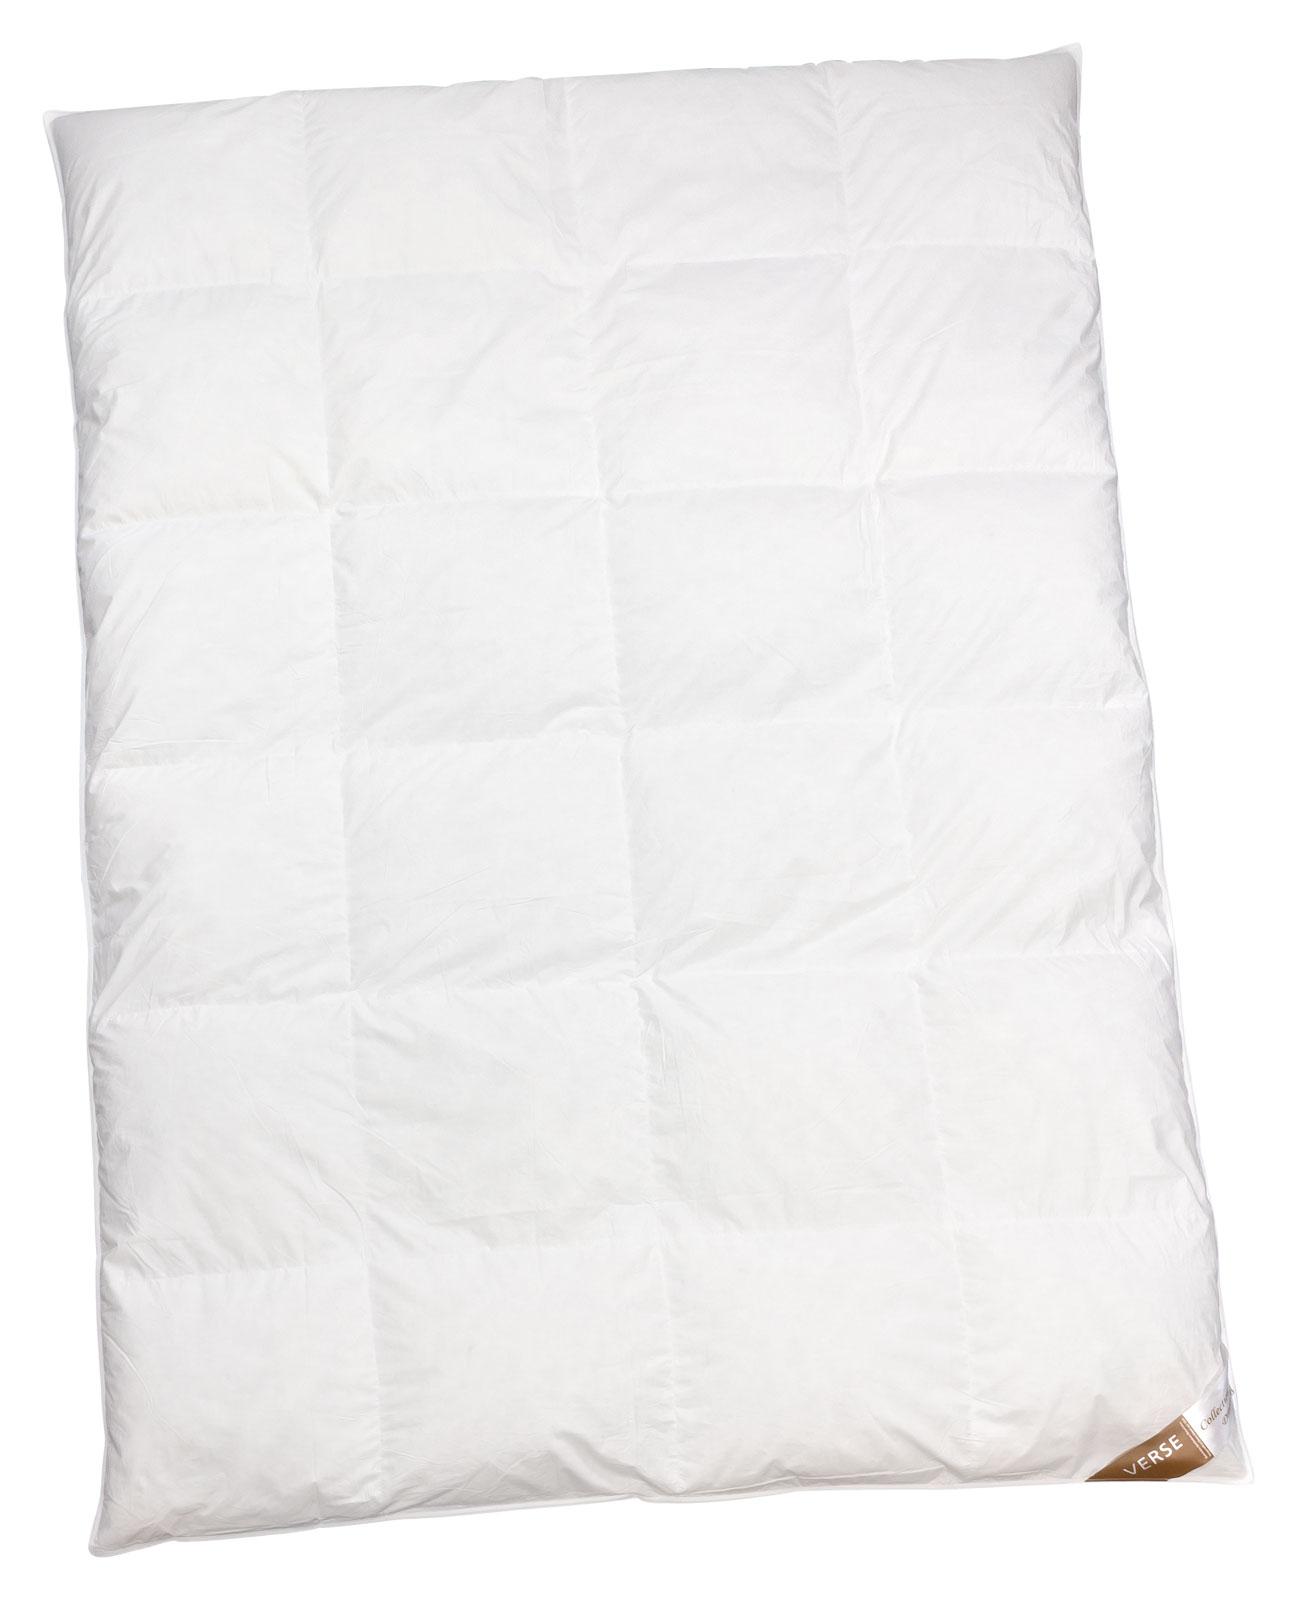 Bettdecken und Kopfkissen - Ganzjahresdecke warm Daunen Bettdecke 200x200 Verse Collection Dreaming  - Onlineshop PremiumShop321